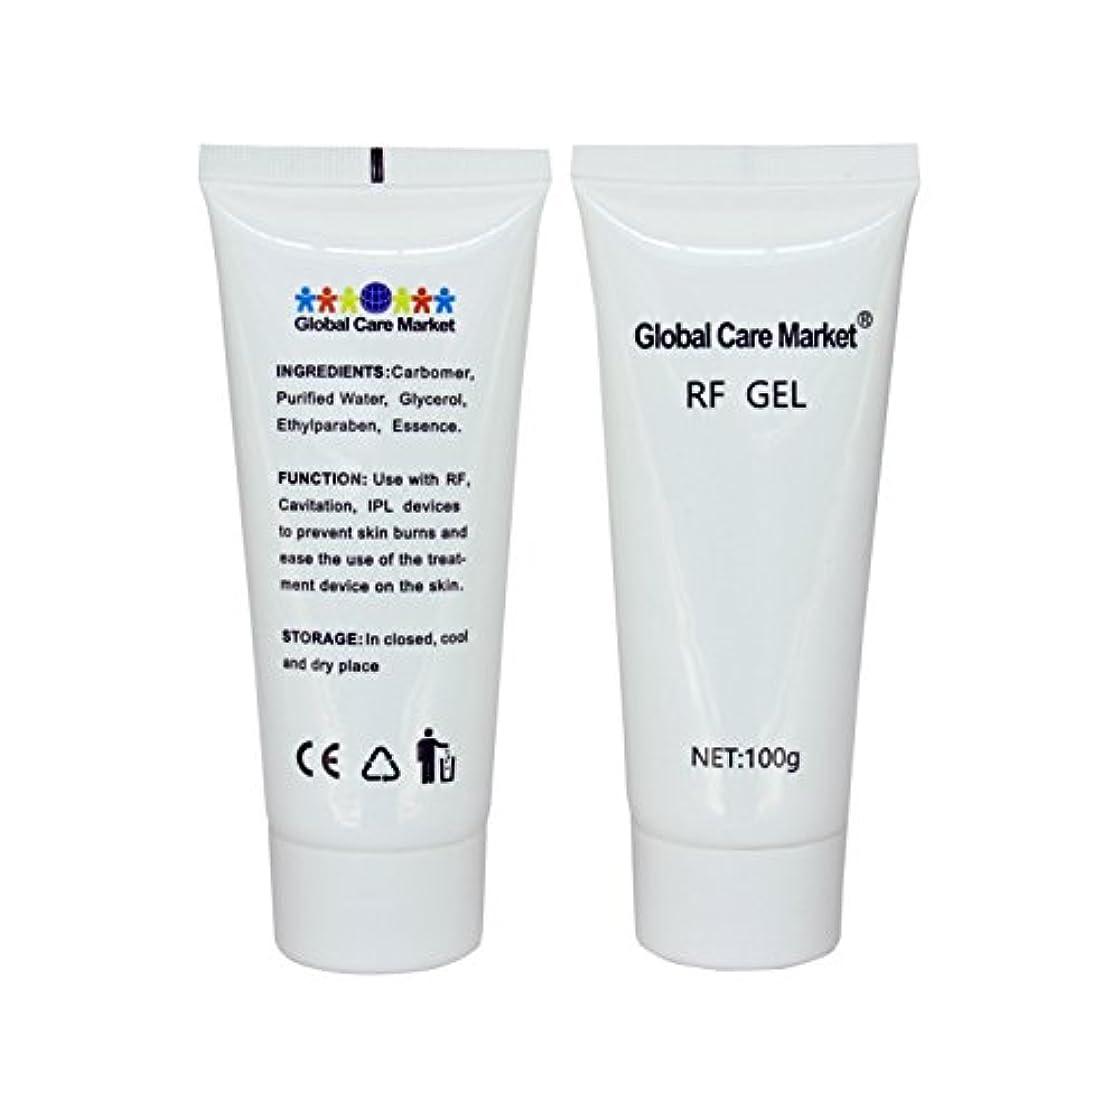 収容するスクワイア植物学RF GEL(2 Pack) - 高周波治療装置に使用する皮膚冷却および潤滑です